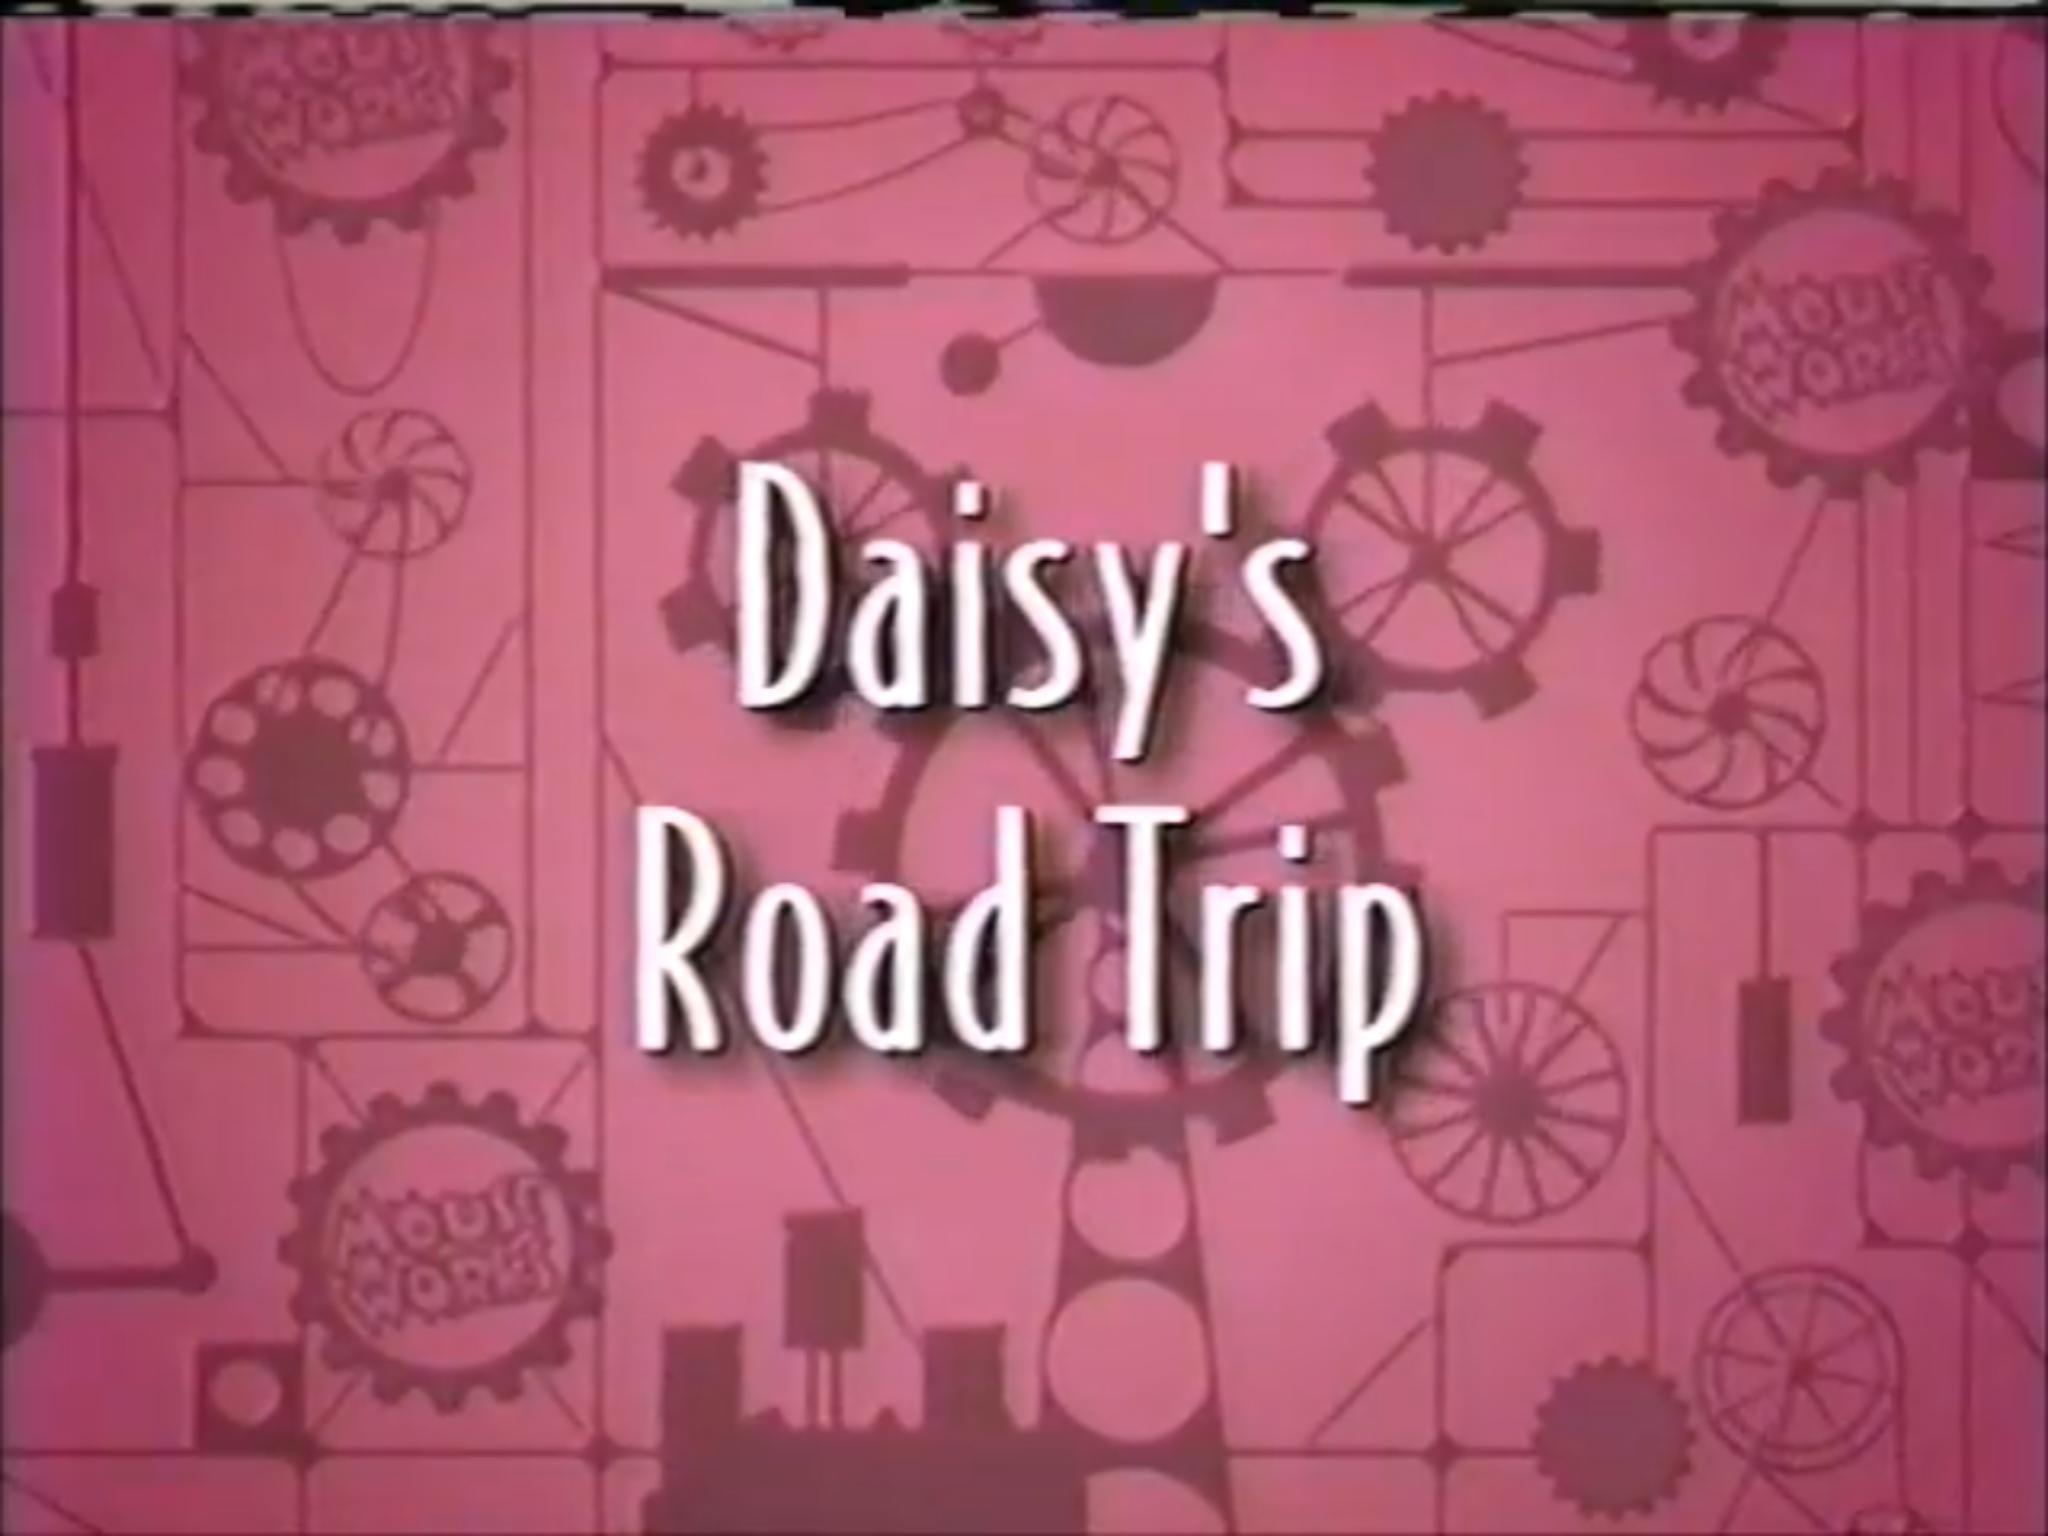 Daisy's Road Trip